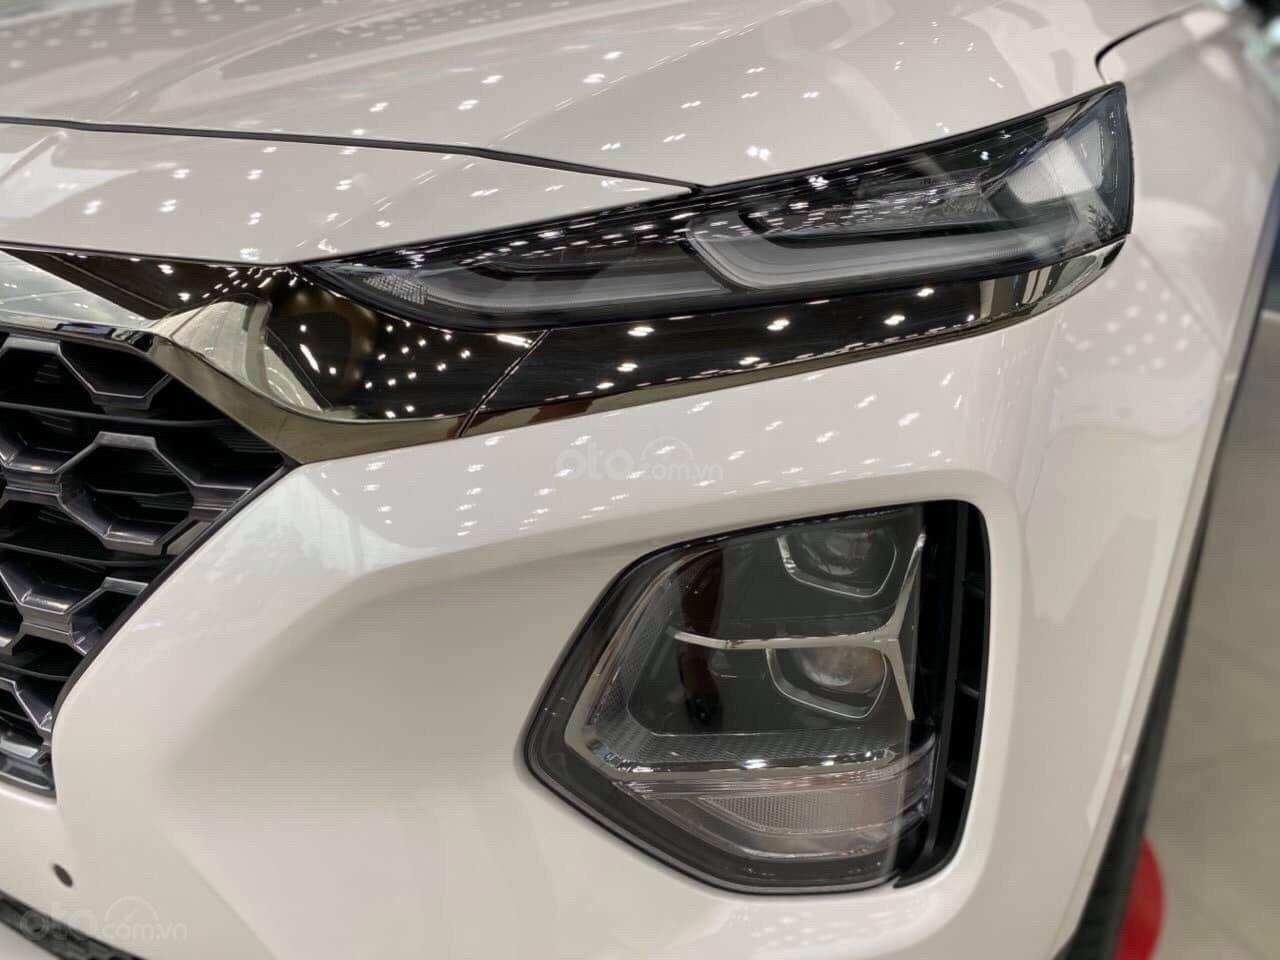 Bán xe Hyundai SantaFe 7 chỗ mới 100% giá lăn bánh cực thấp - đưa trước 300 triệu nhận xe (4)